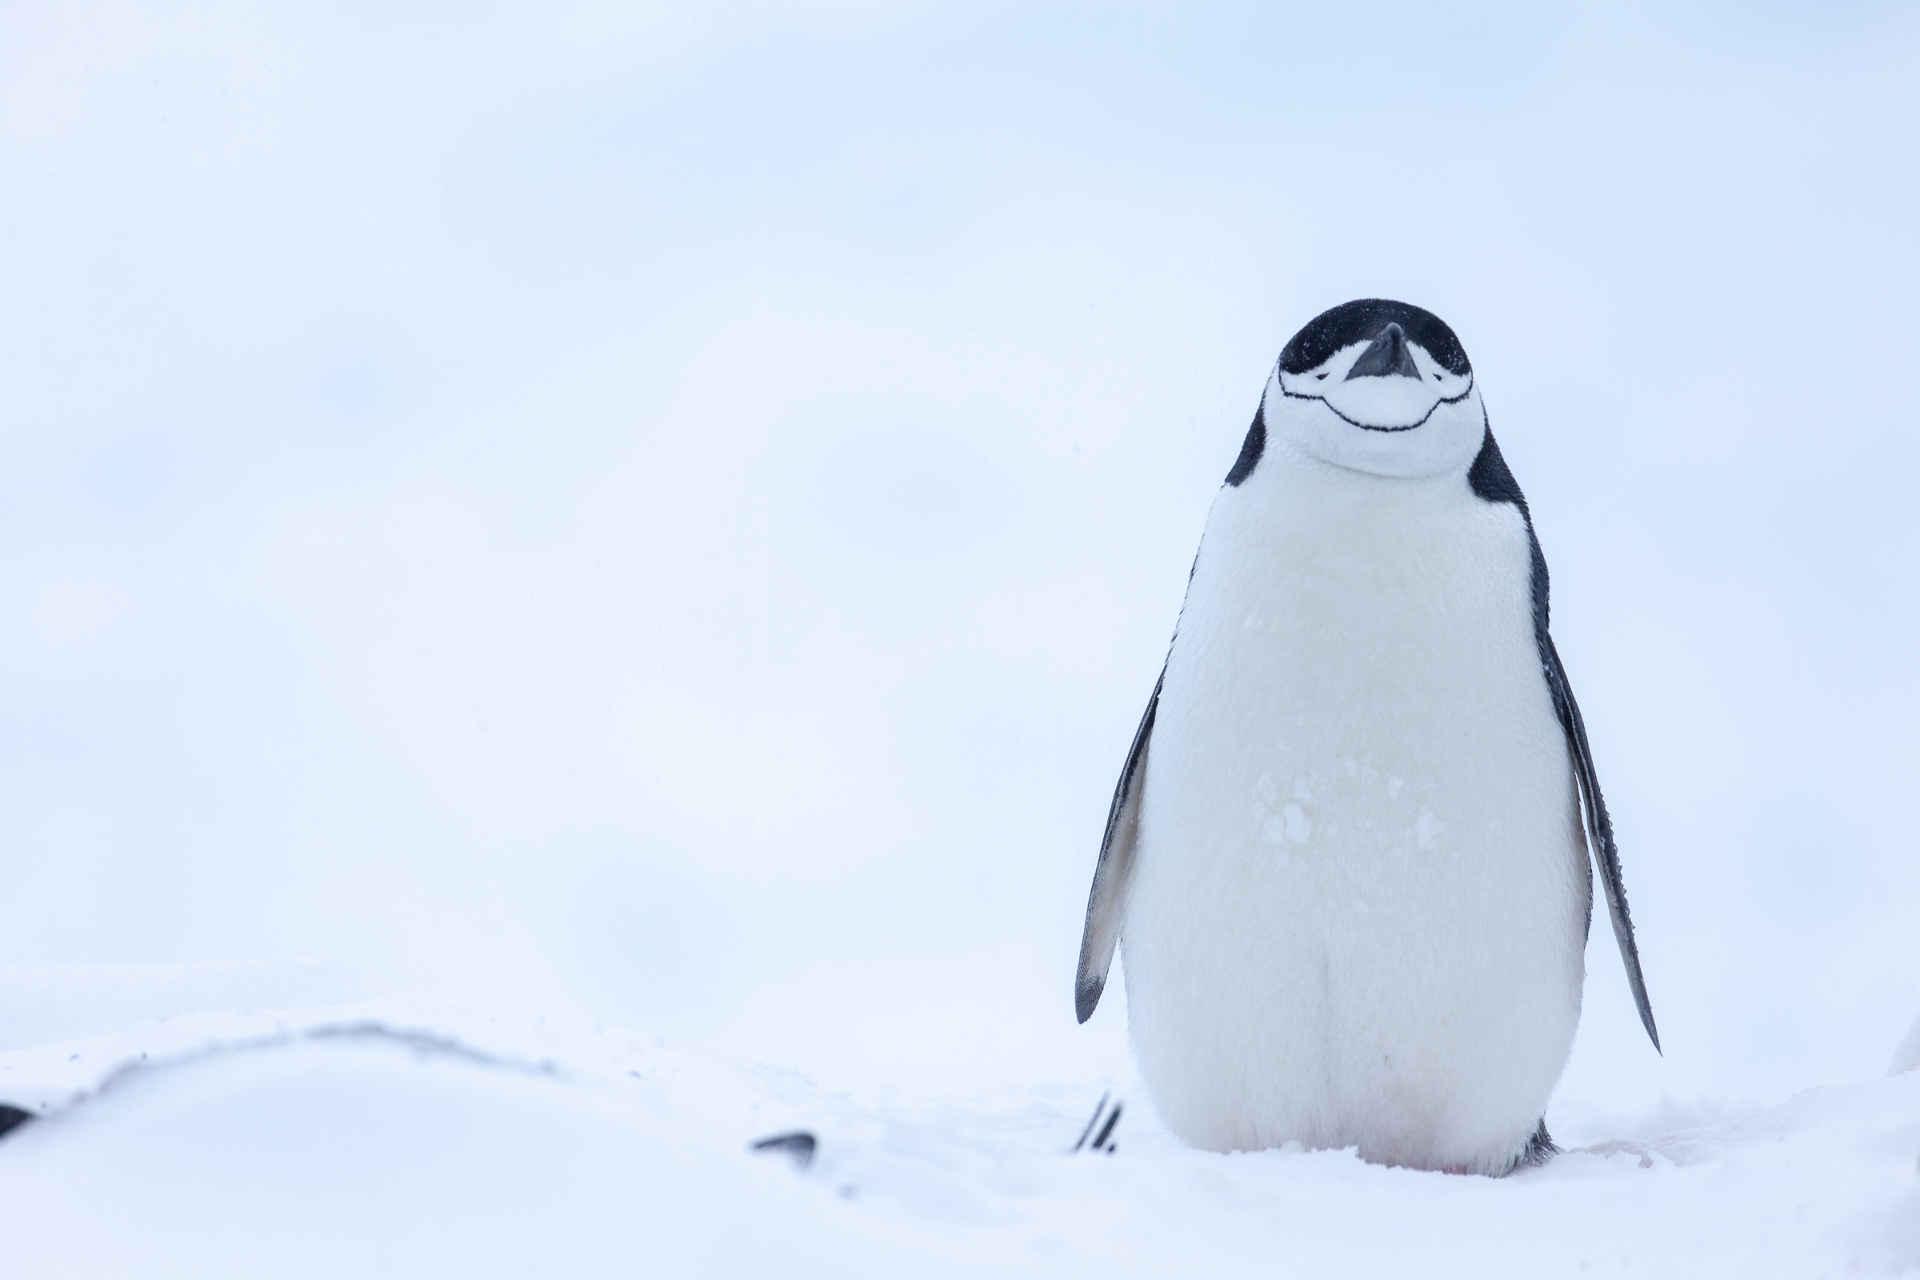 Pinguine sind beliebt - und ganz anders, als wir glauben